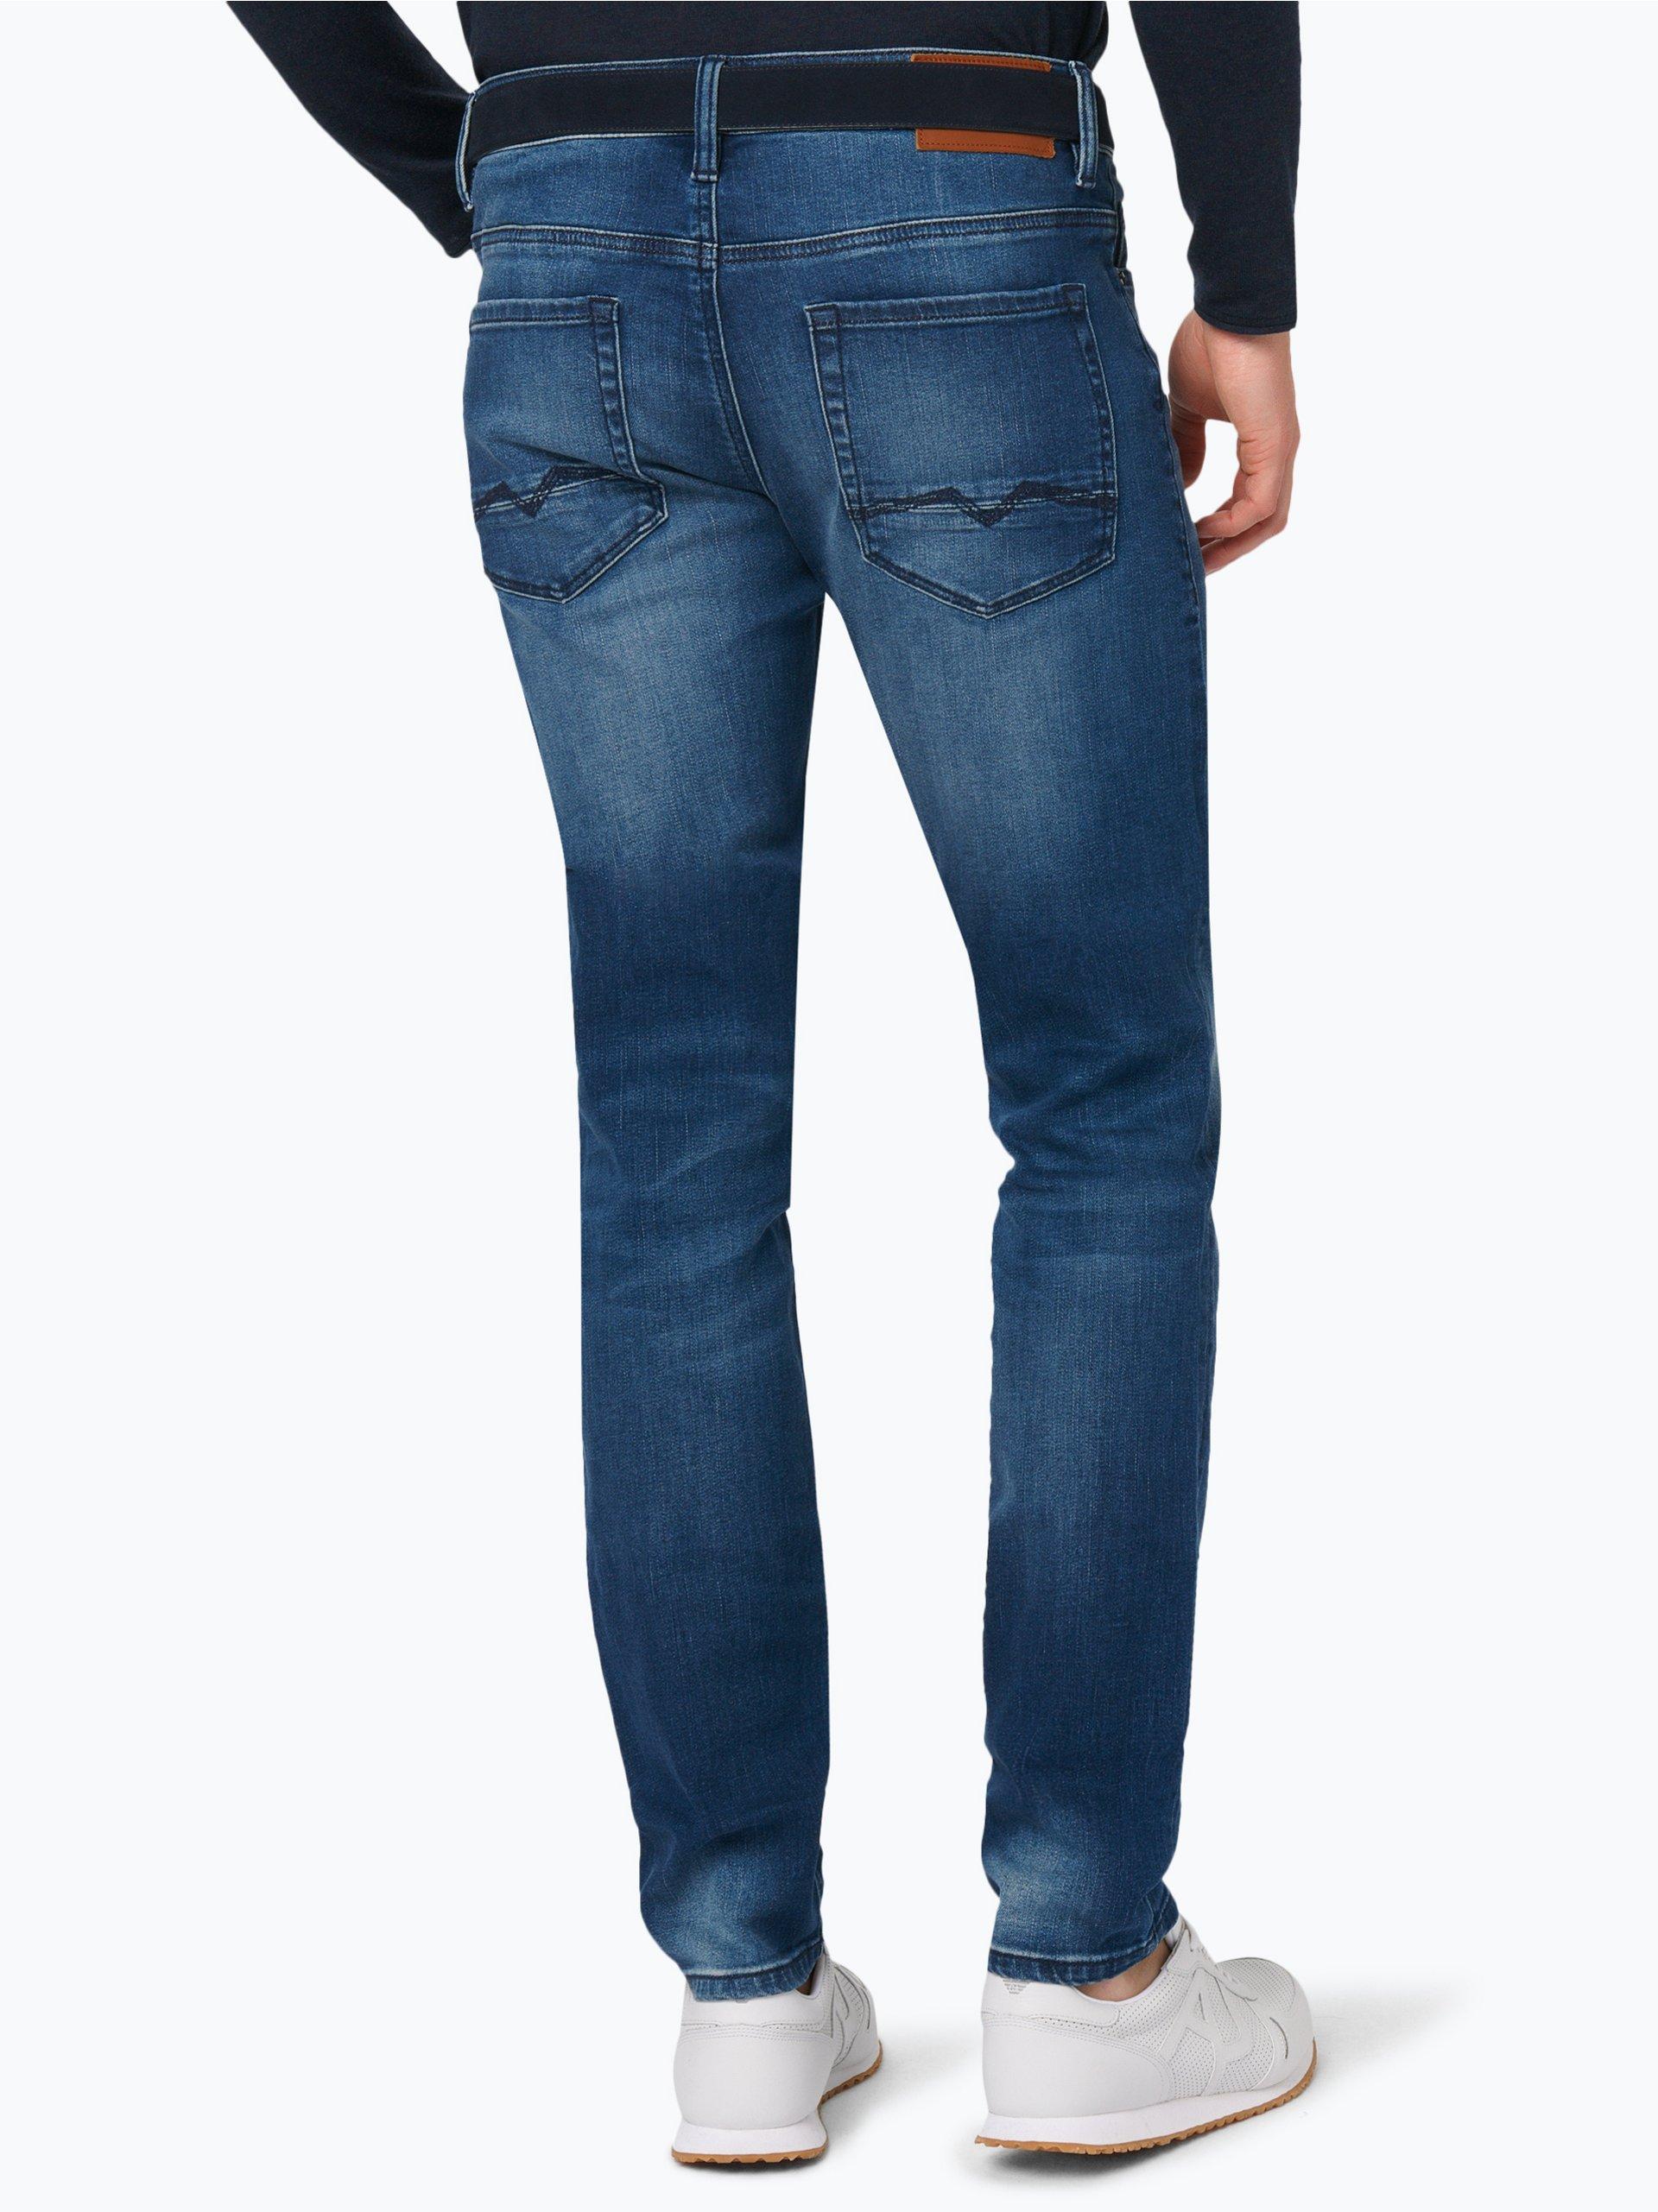 boss orange herren jeans orange 90 marine uni online kaufen peek und cloppenburg de. Black Bedroom Furniture Sets. Home Design Ideas